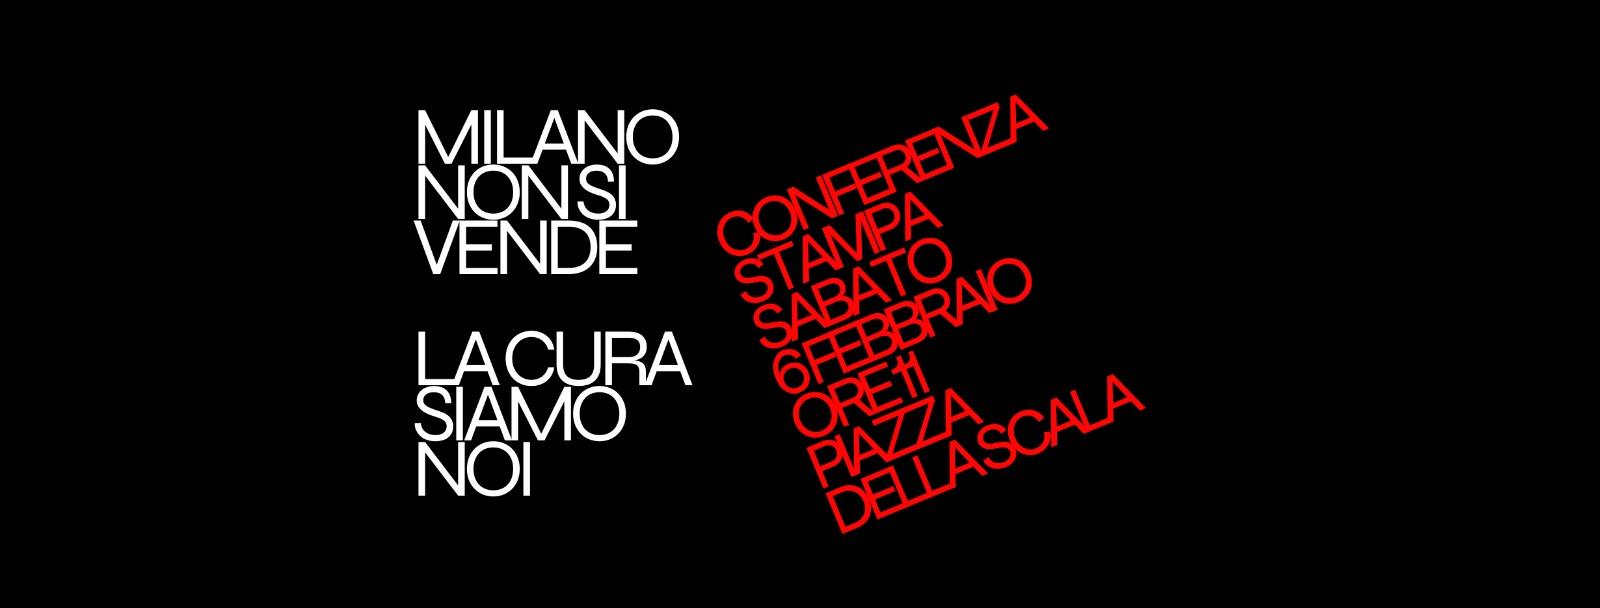 Milano non si vende, La cura siamo noi - Conferenza Stampa